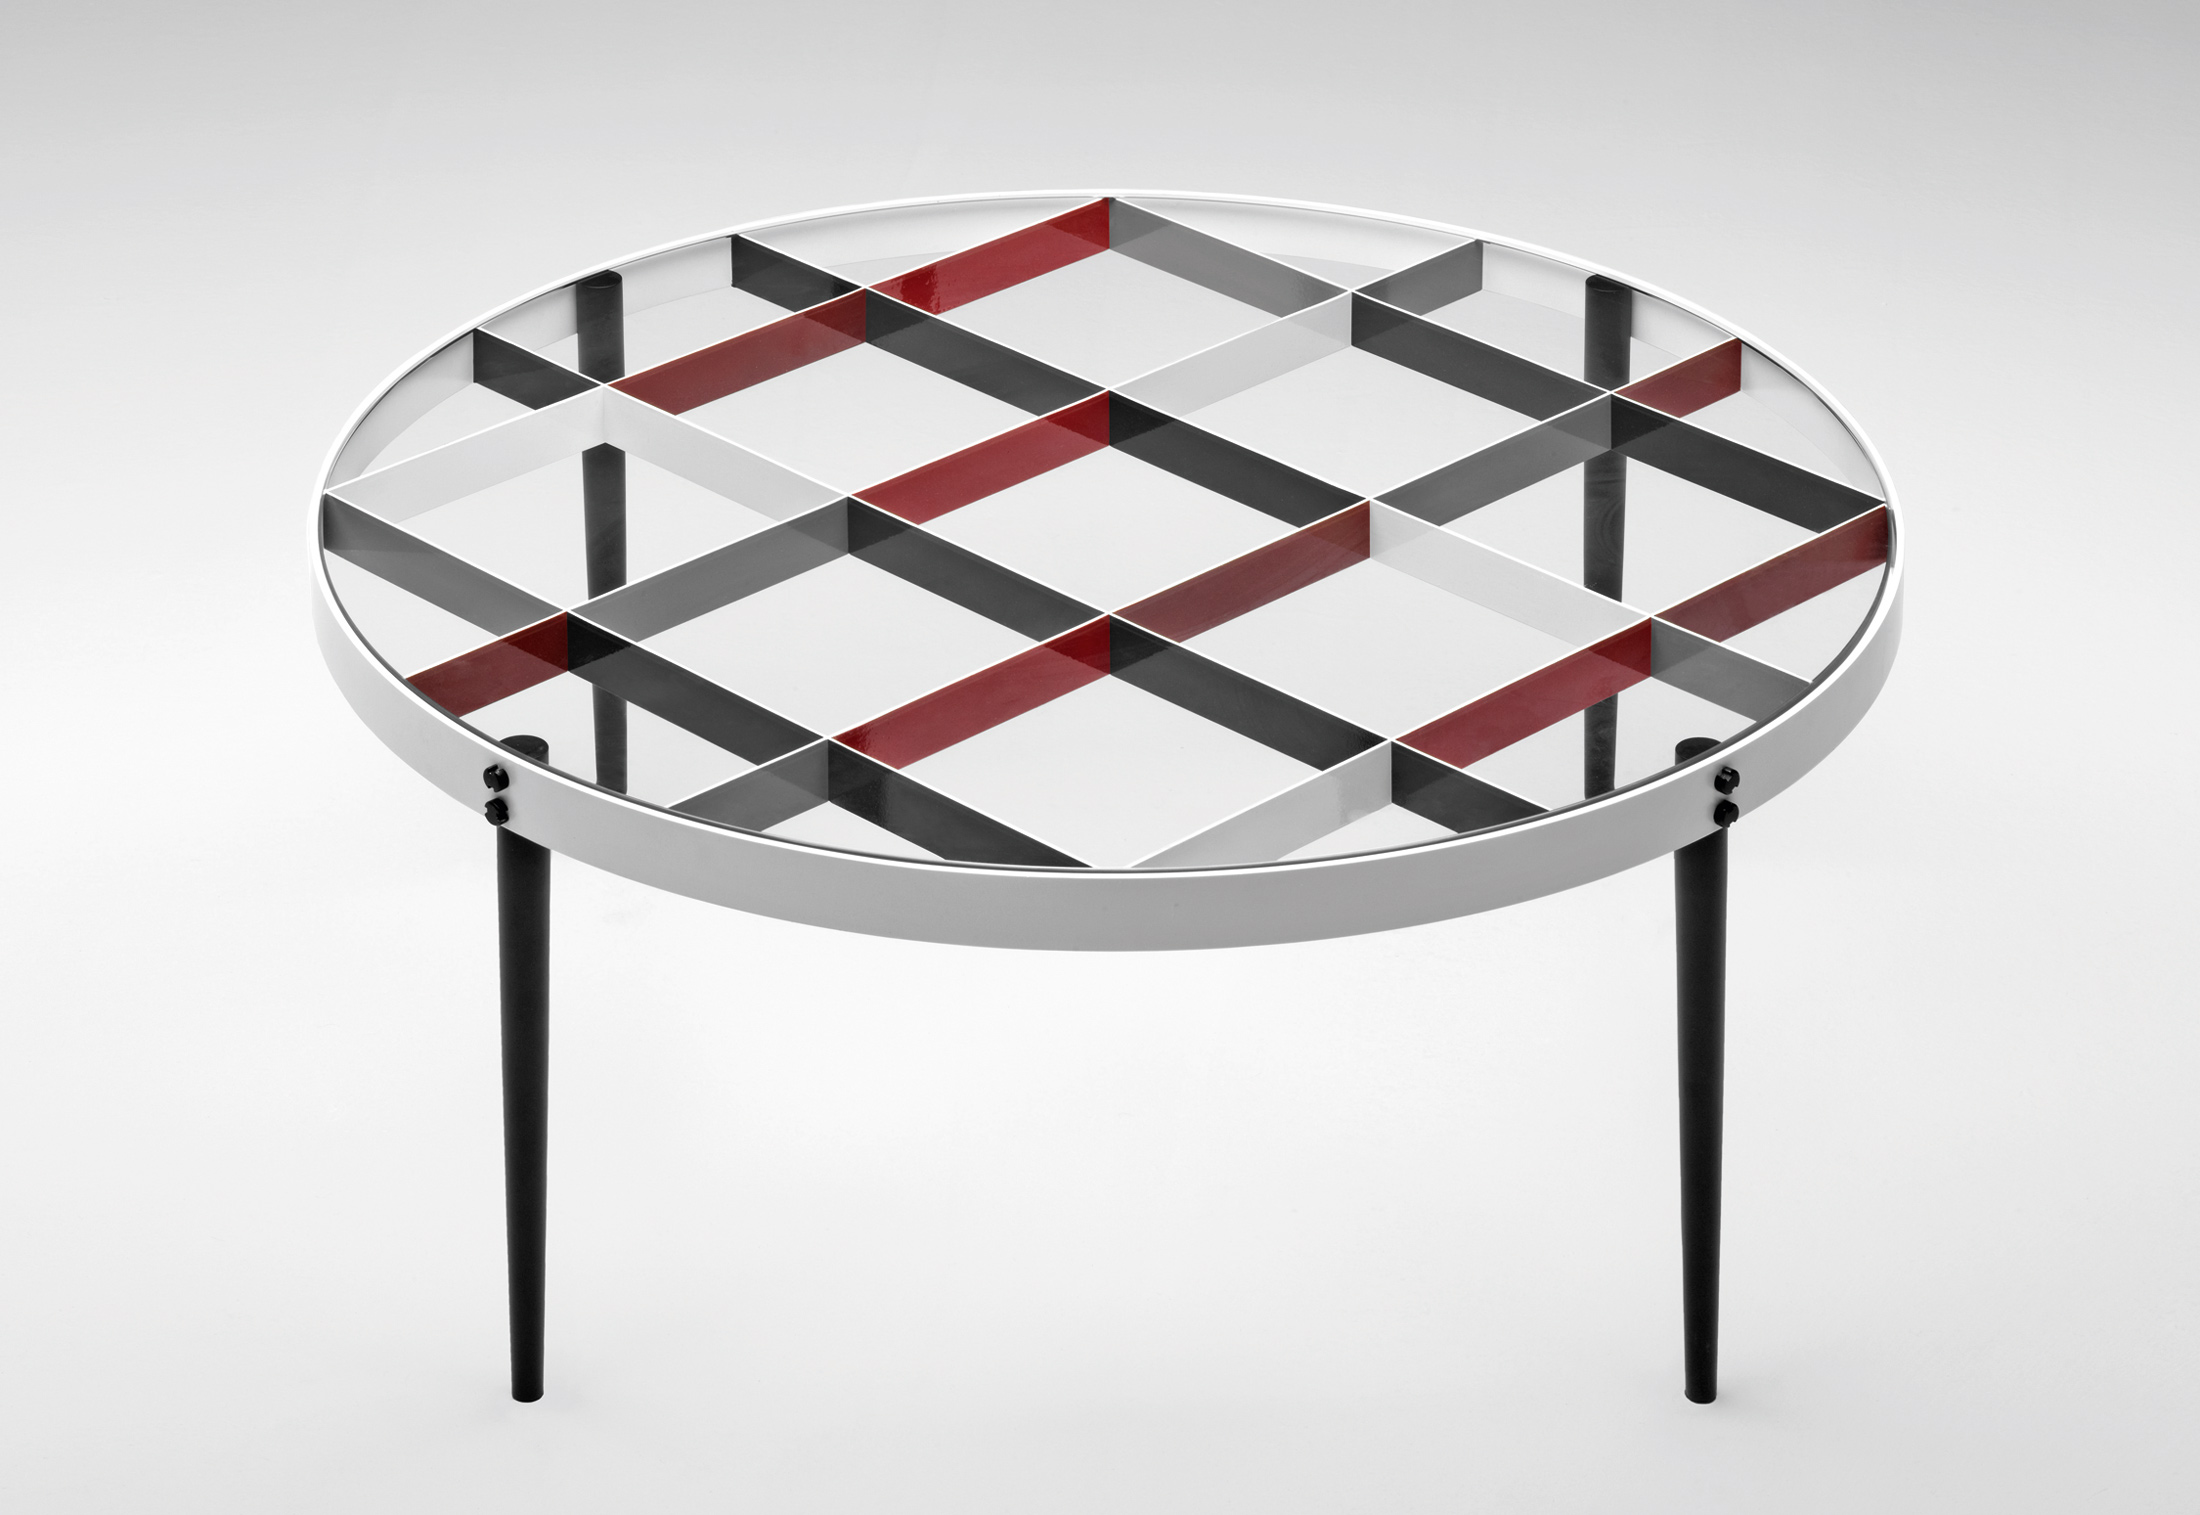 Collezione gi ponti di molteni c madie e mobili per - Gio ponti mobili ...